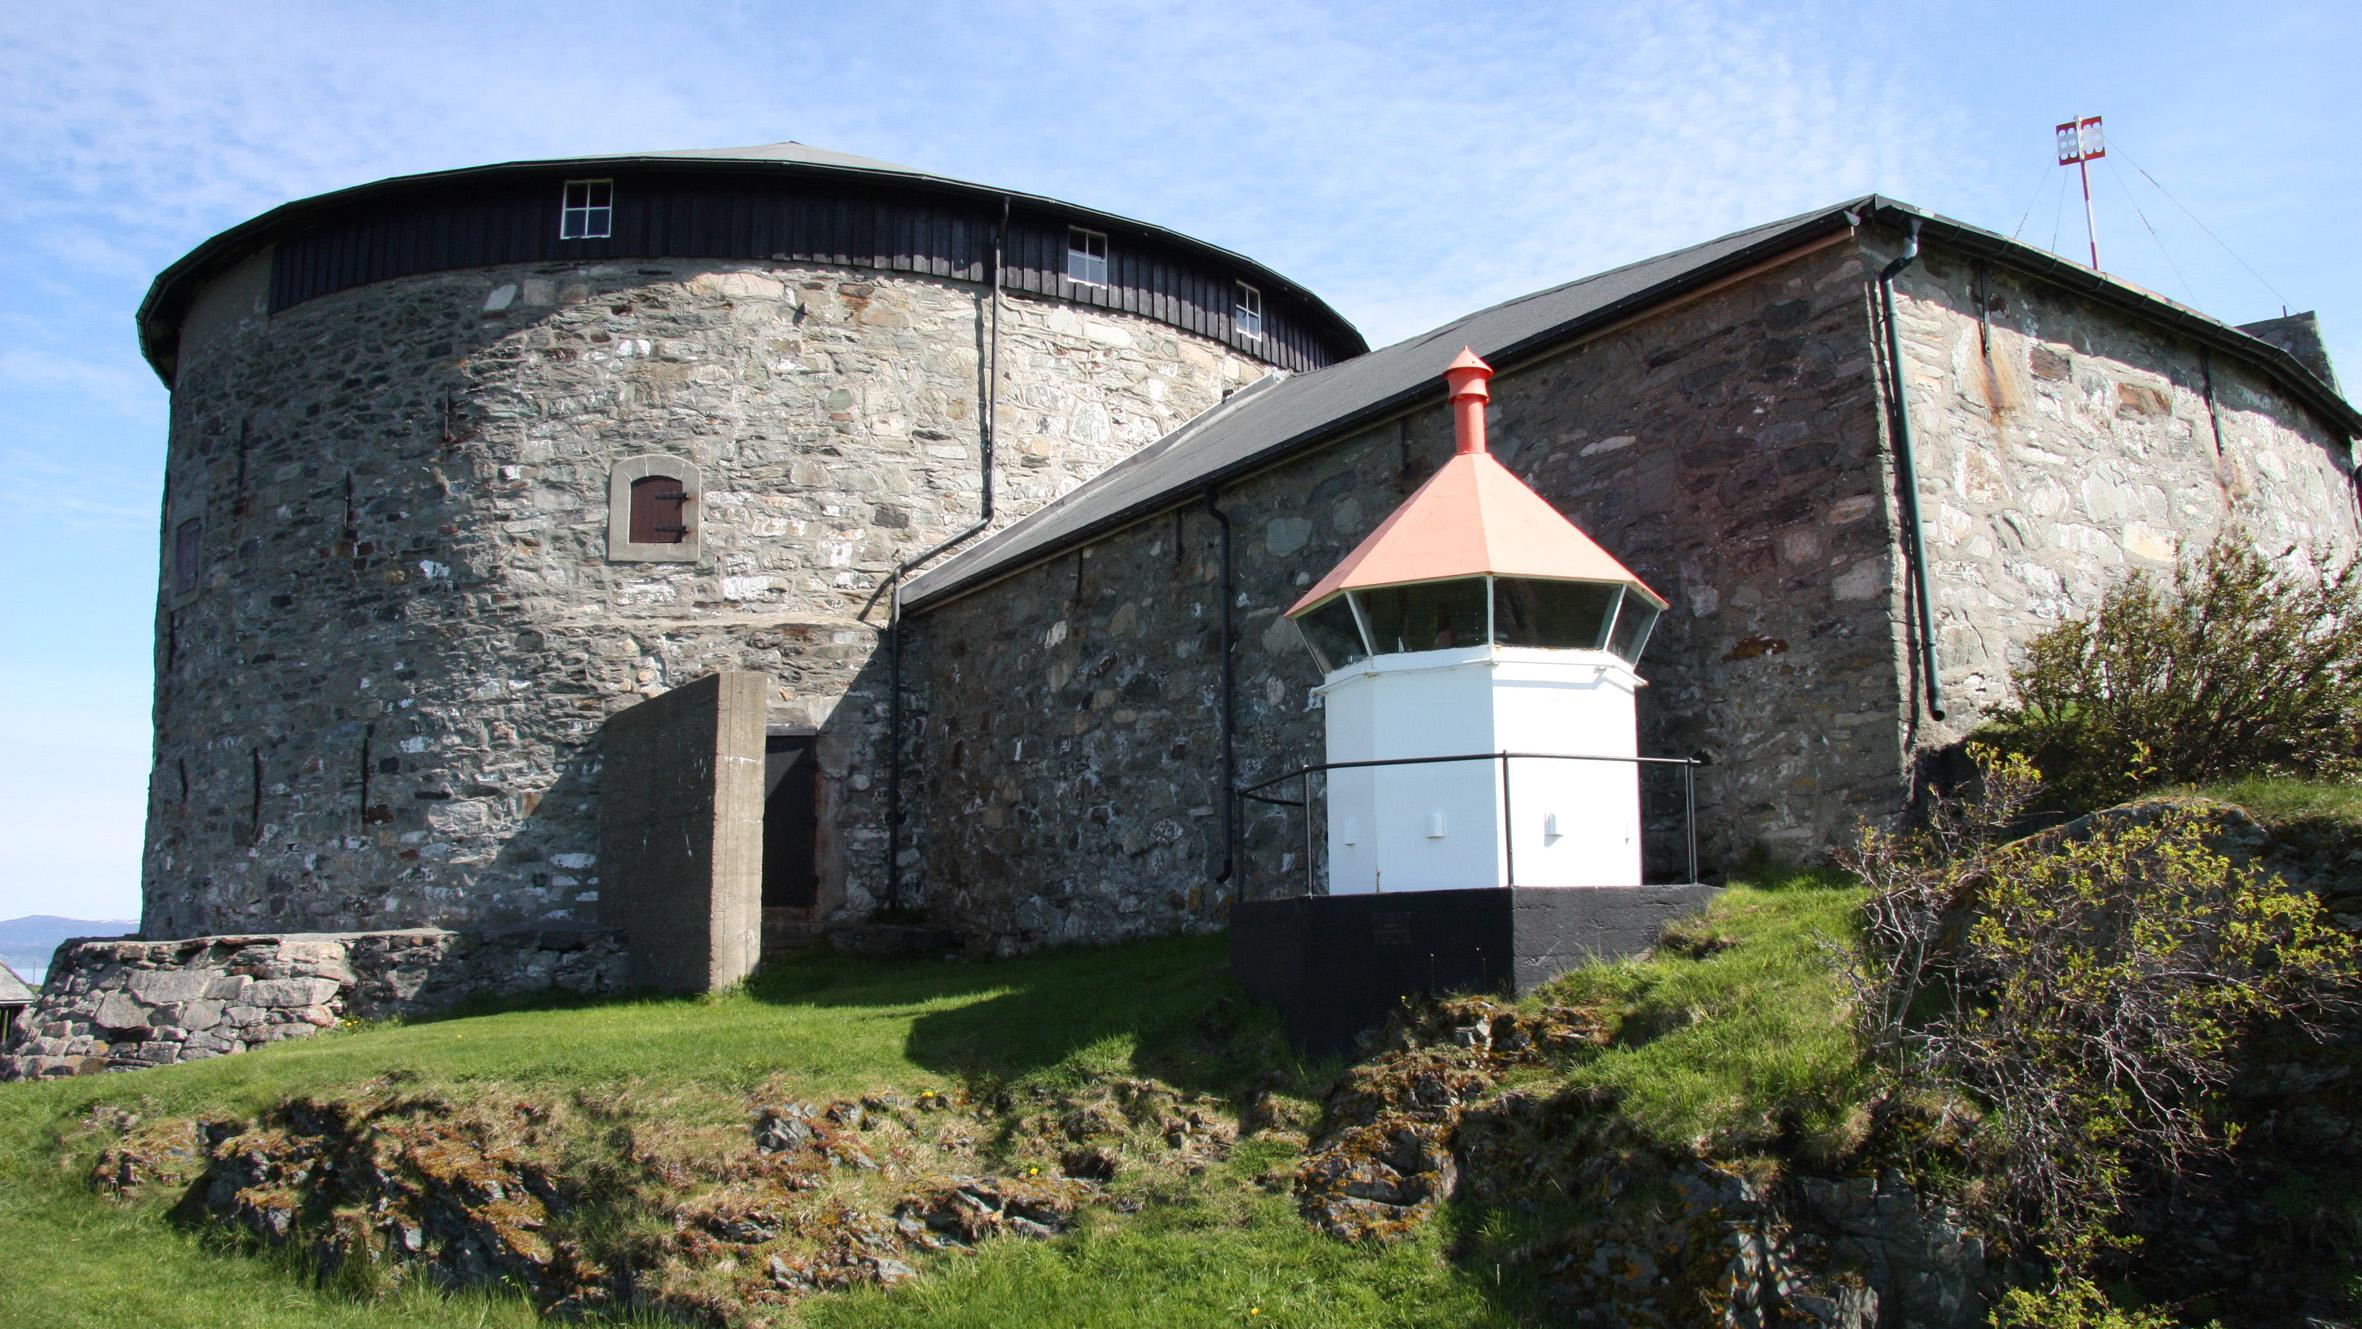 Bildet viser bygningene og uteområdet til Munklholmen. Foto er lånt fra. Statsbygg.